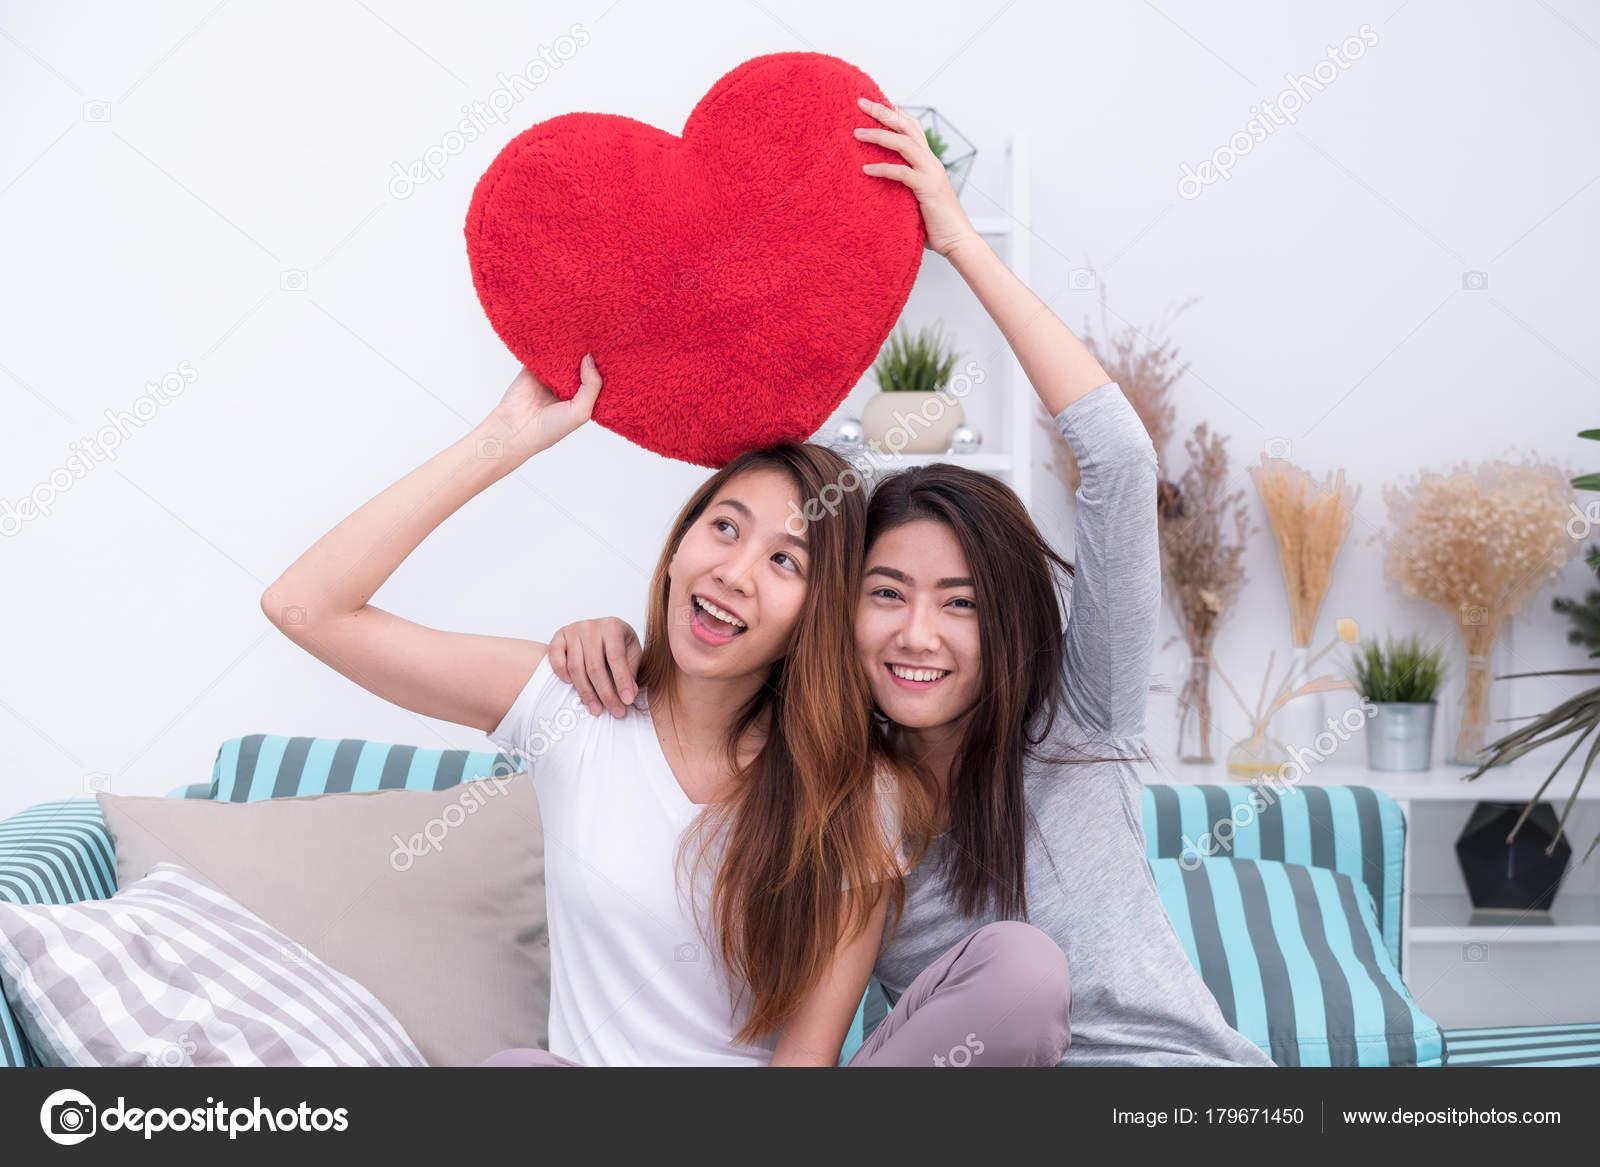 μαμά λεσβίες φωτογραφίες ινδανοδιόνης έφηβος σεξ com